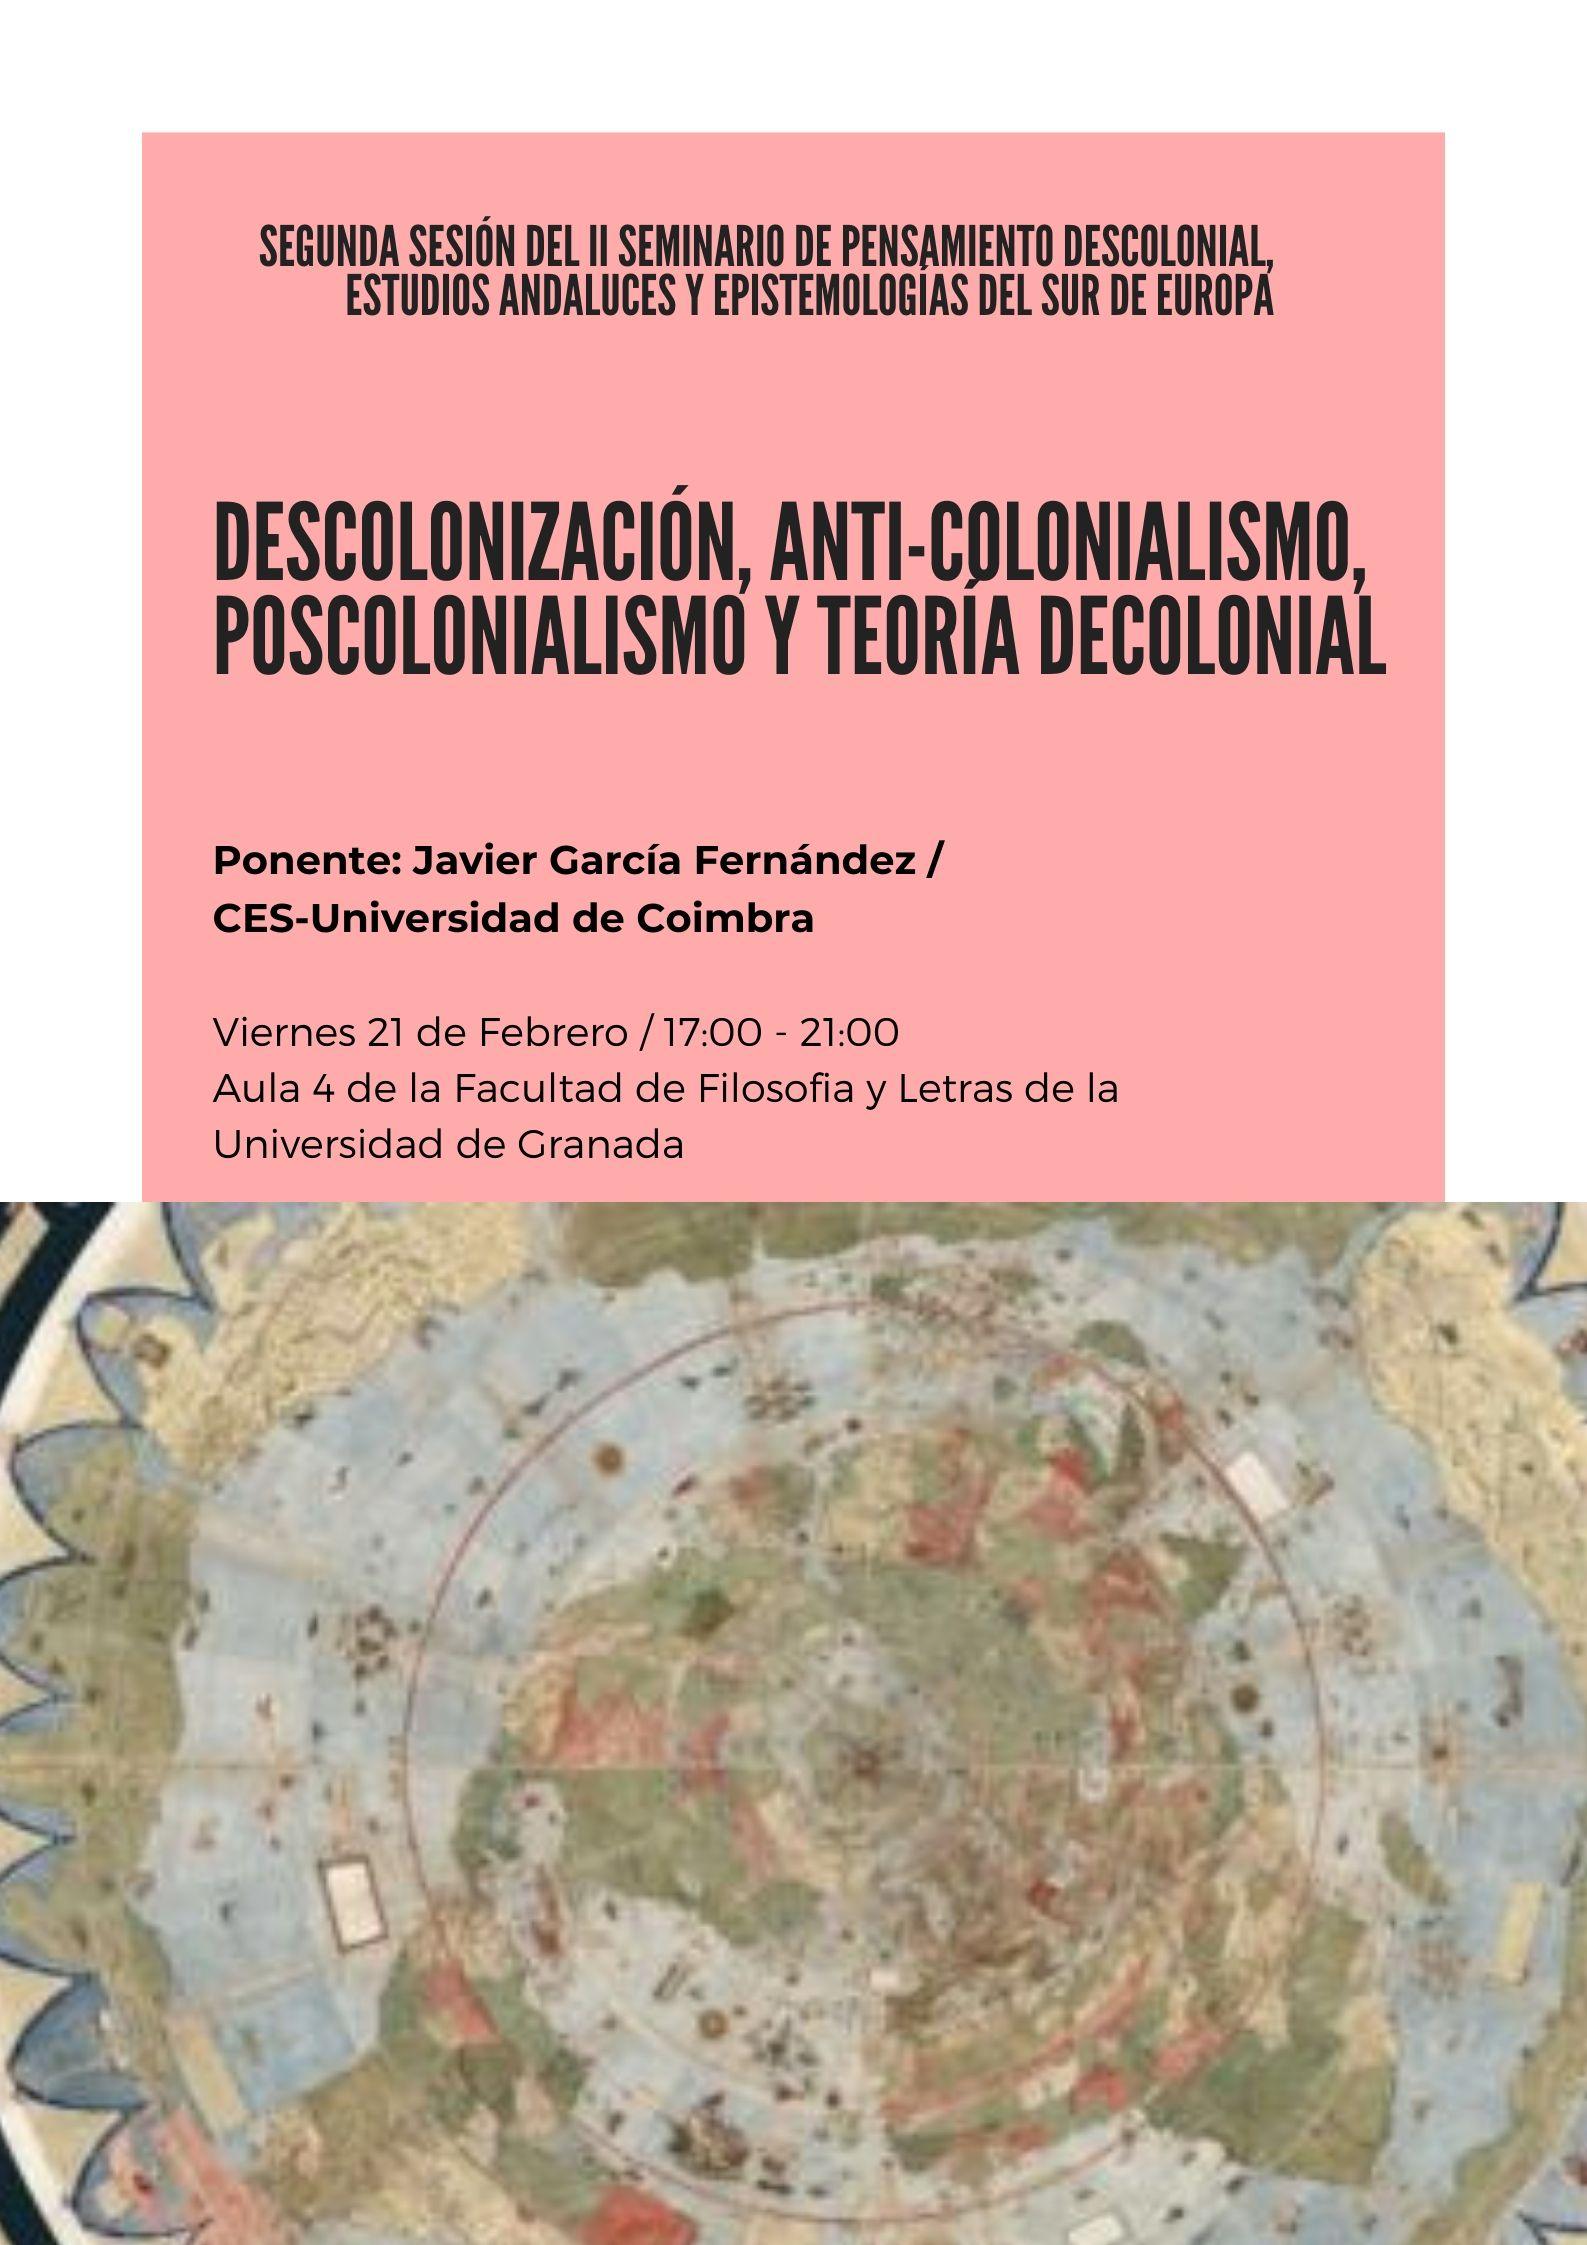 Descolonización, anti-colonialismo, poscolonialismo y teoría decolonial